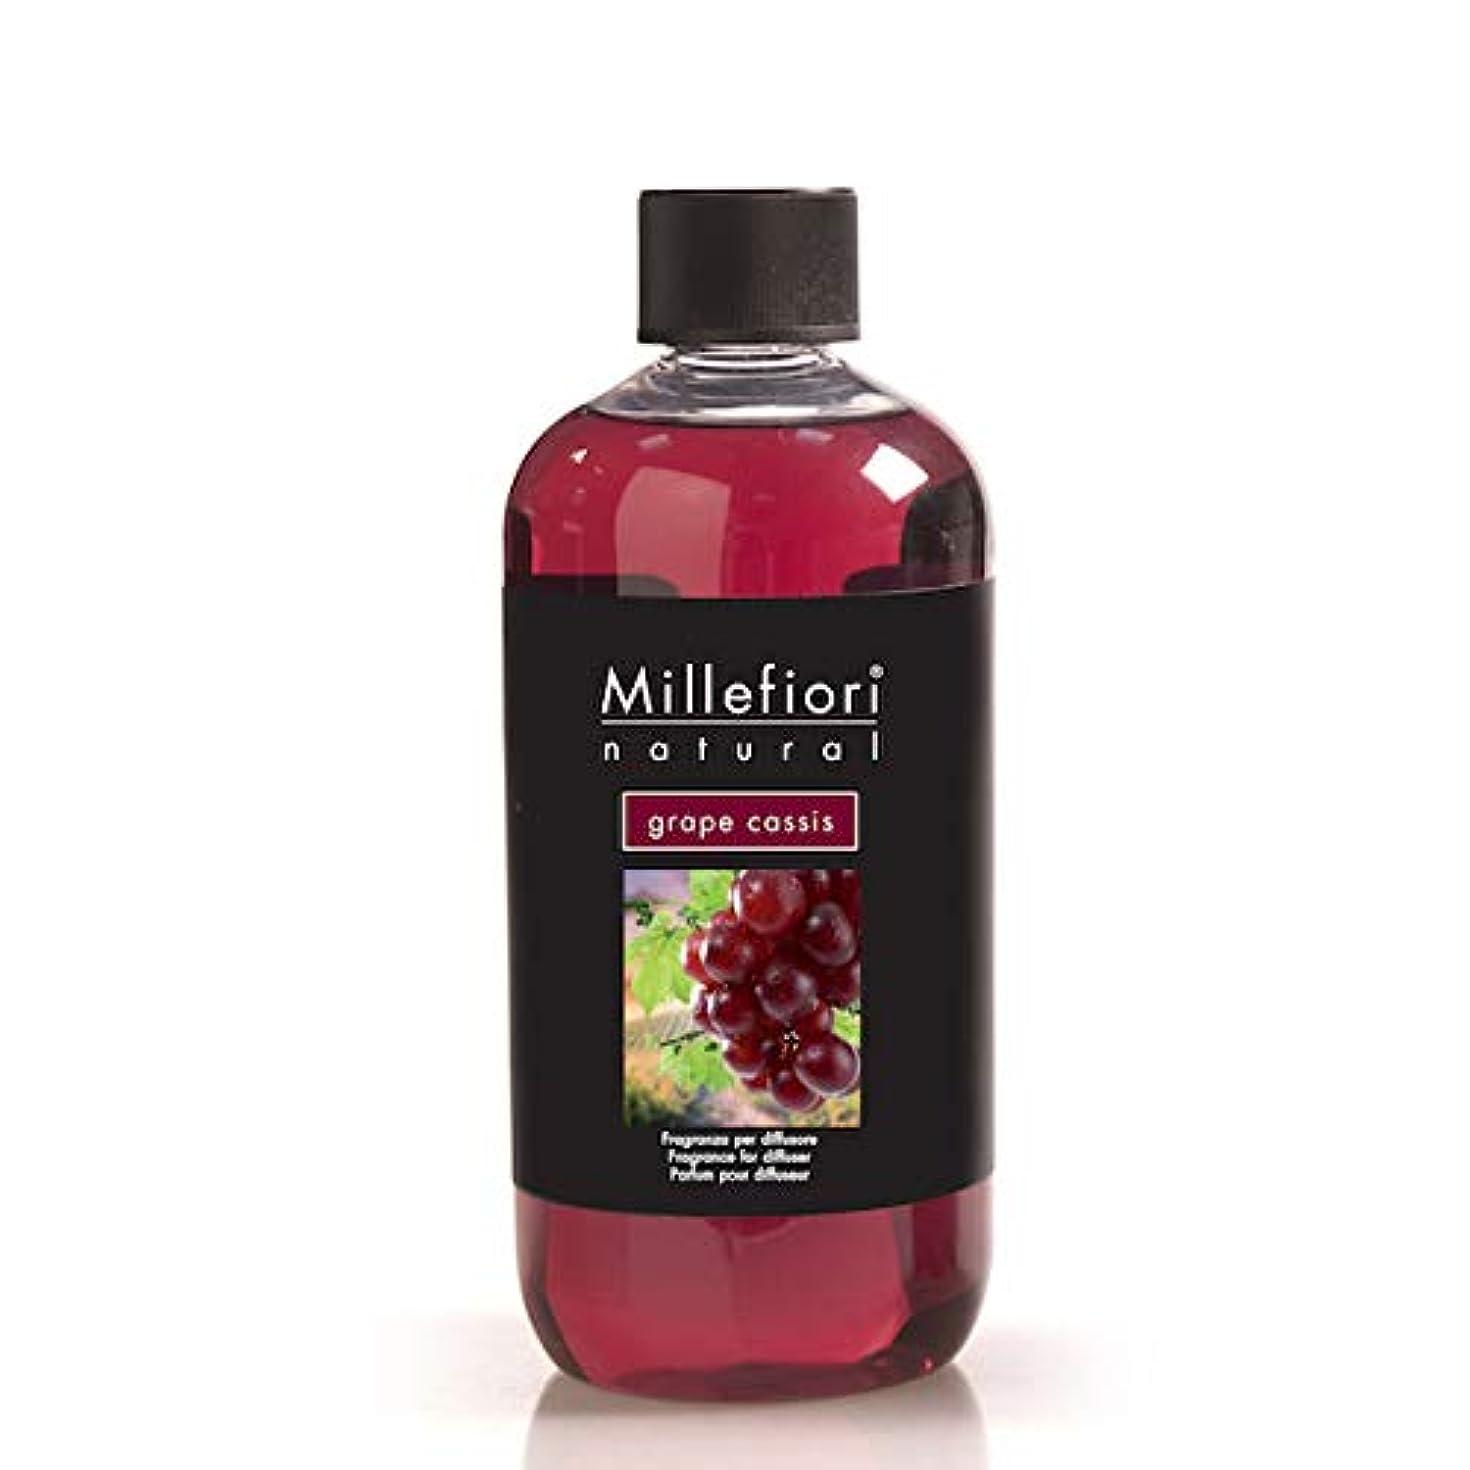 アルファベット順強風うがいミッレフィオーリ(Millefiori) Natural グレープカシス(GRAPE CASSIS) 交換用リフィル500ml [並行輸入品]